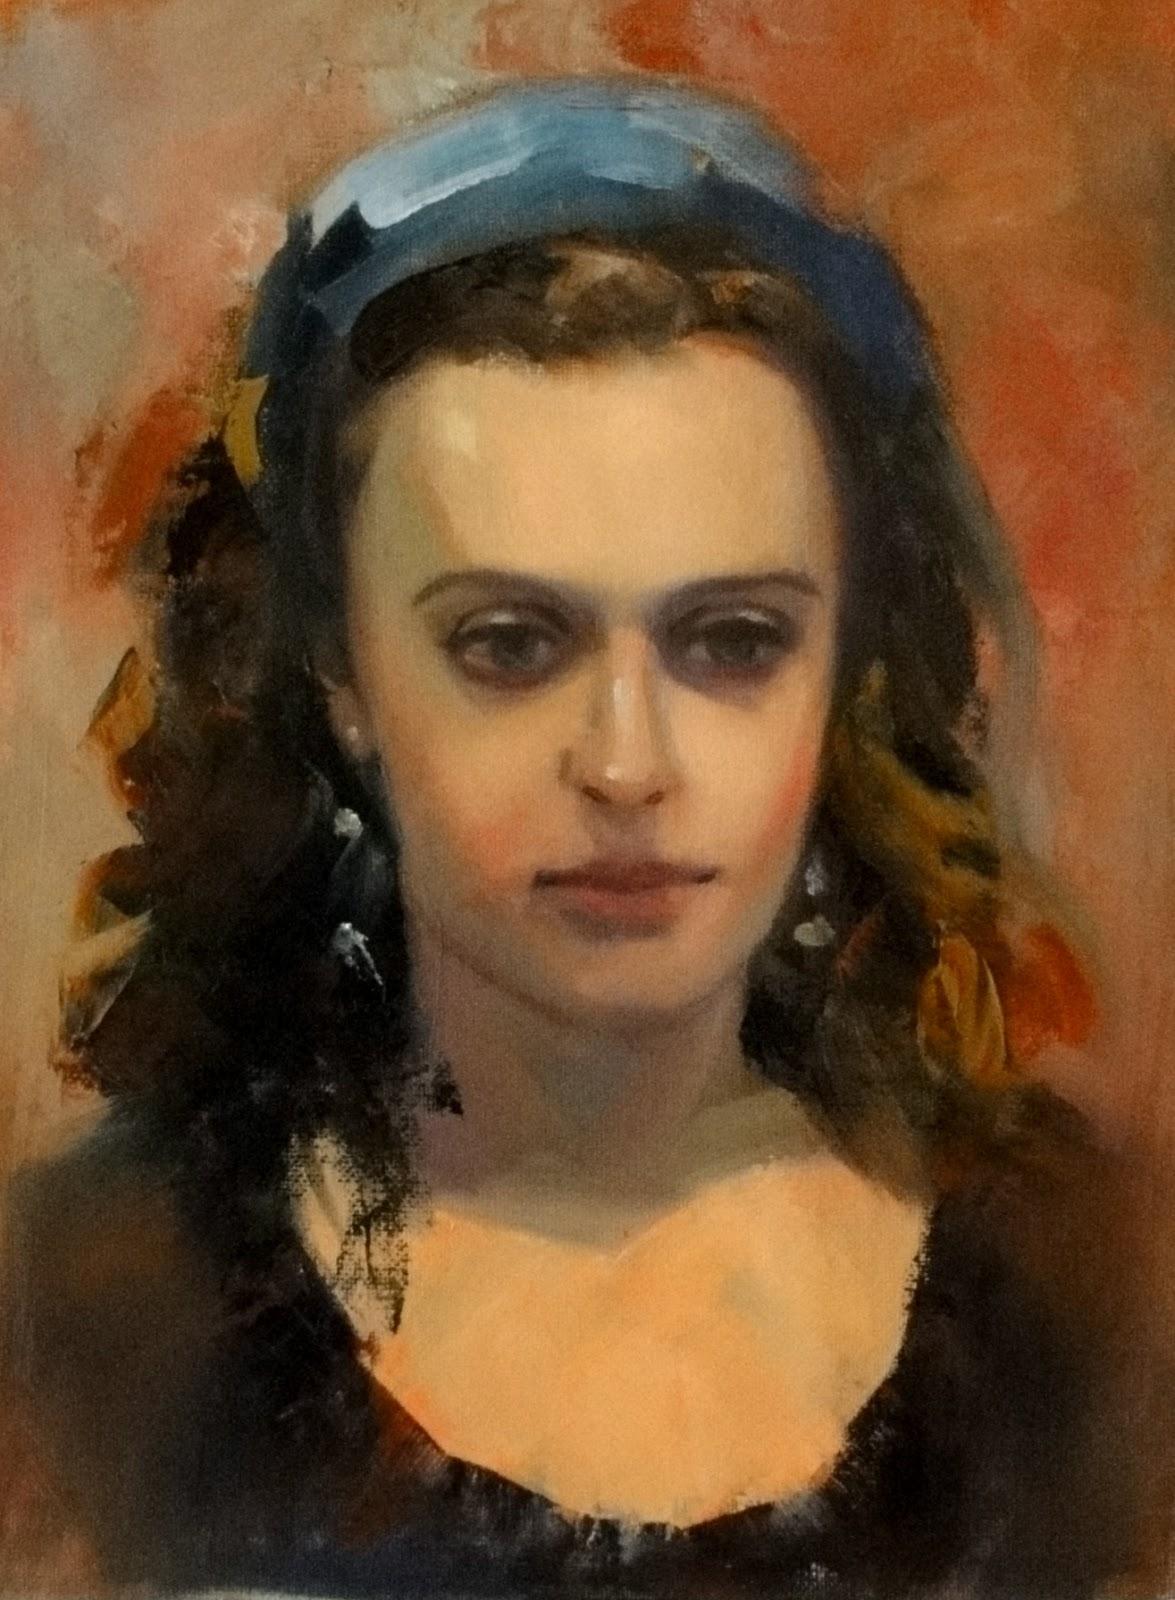 http://3.bp.blogspot.com/-j0We4gn2wUw/Tq2VuQBkk9I/AAAAAAAAMAQ/K703_yM-3-o/s1600/Portrait+of+Inna.jpg